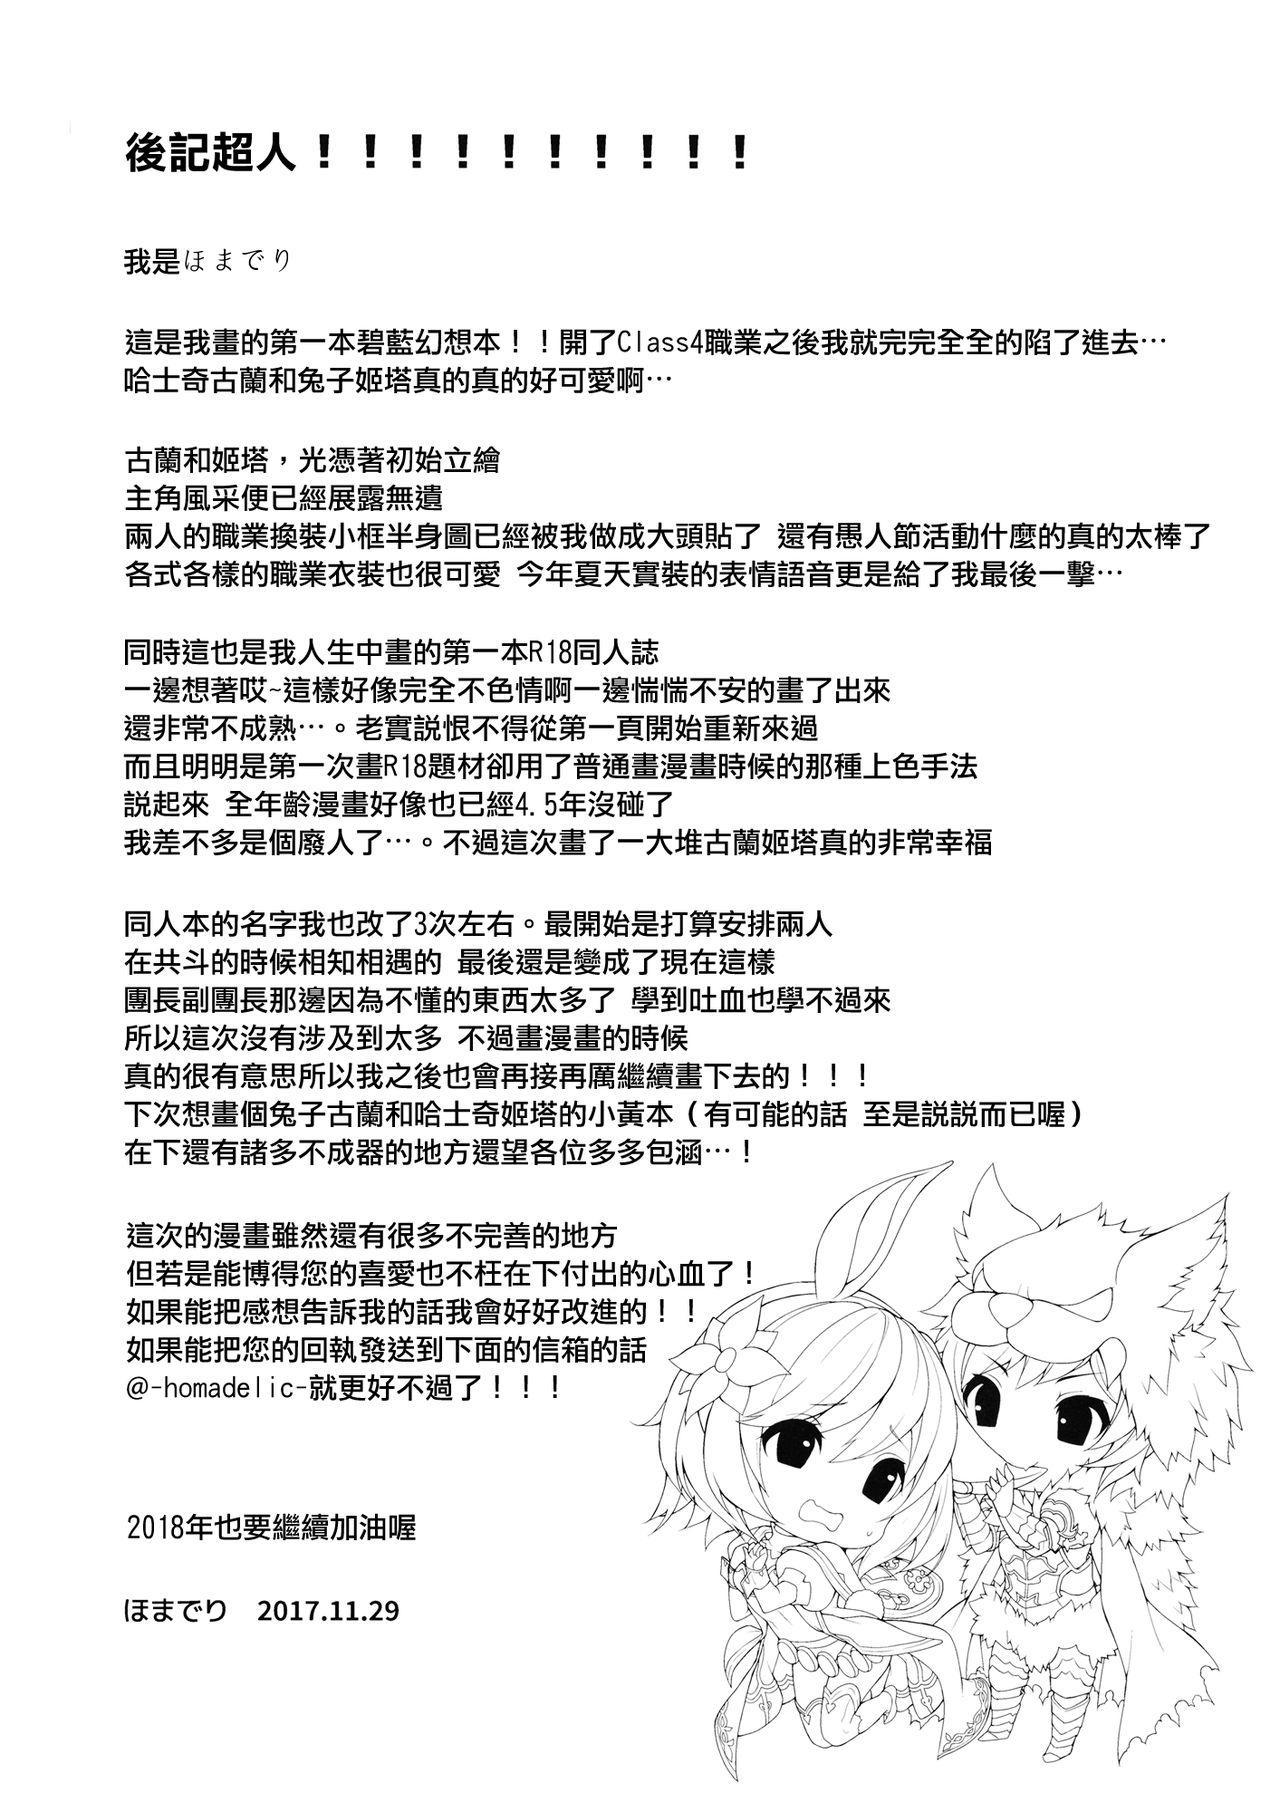 (C93) [homadelic. (Homaderi)] Fukudanchou no Usagi Djeeta-chan ga Danchou no Ookami Gran-kun ni Taberarechau Hon (Granblue Fantasy) [Chinese] [無邪気漢化組] 31